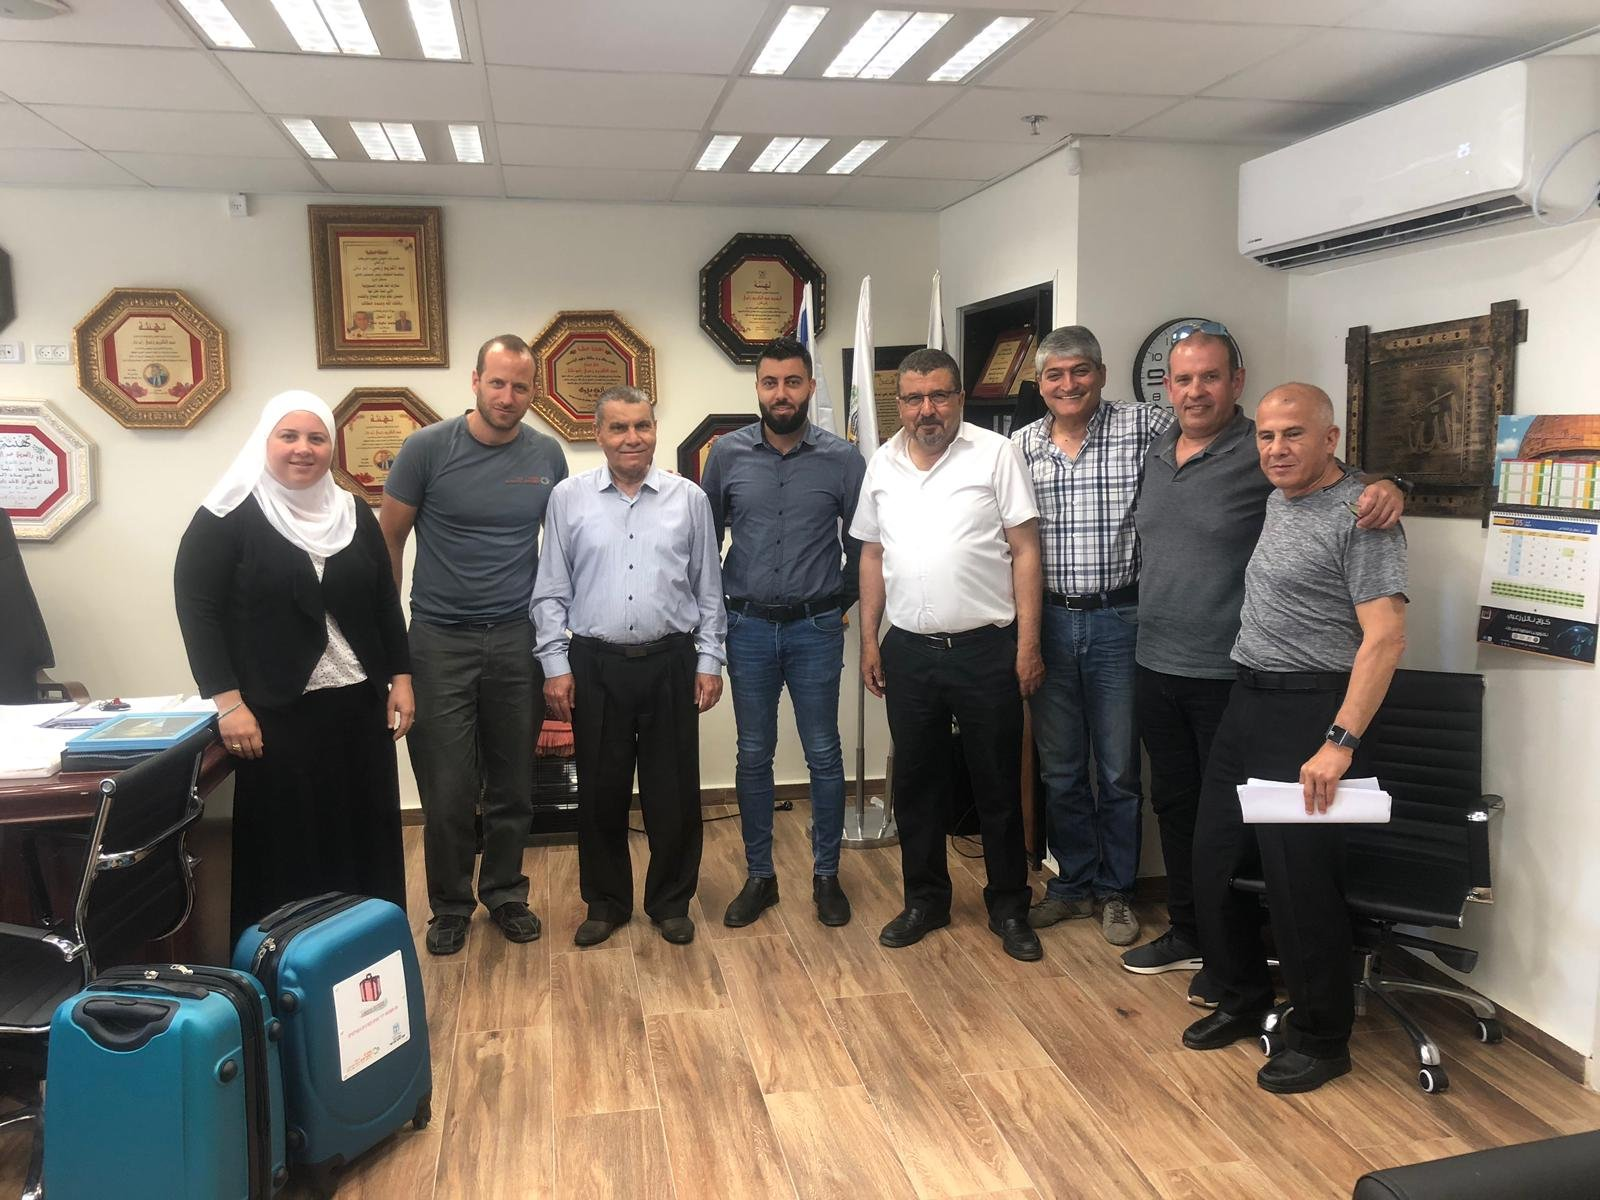 بستان المرج :مدير عام شركة المراكز الجماهيرية يحل ضيفًا على المجلس لتعزيز الشراكة